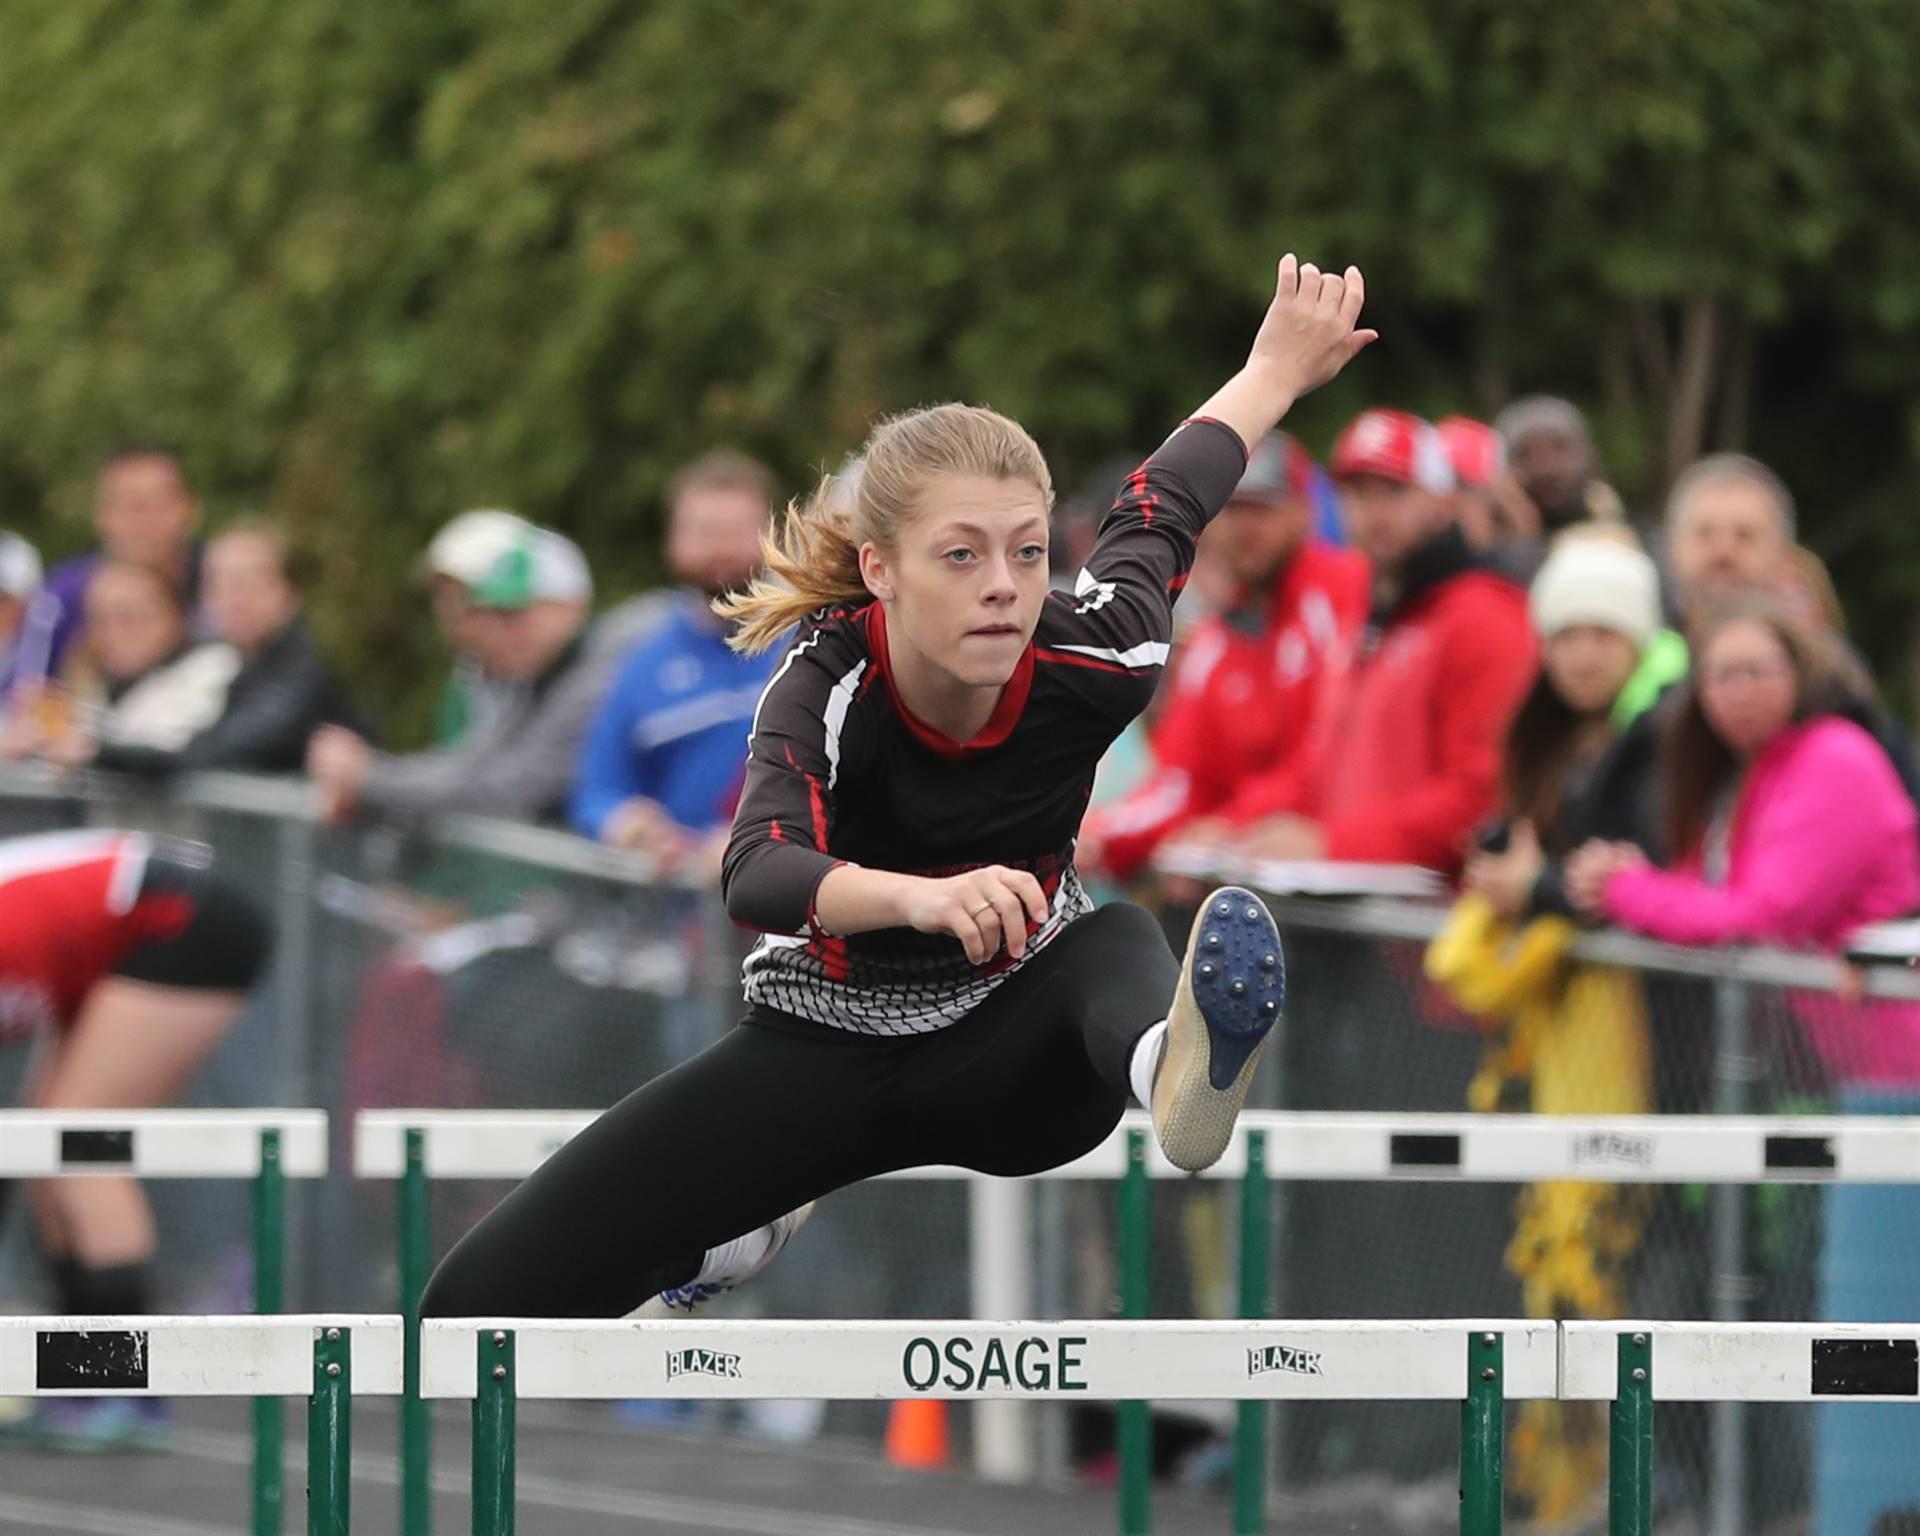 Runner hurdling a hurdle